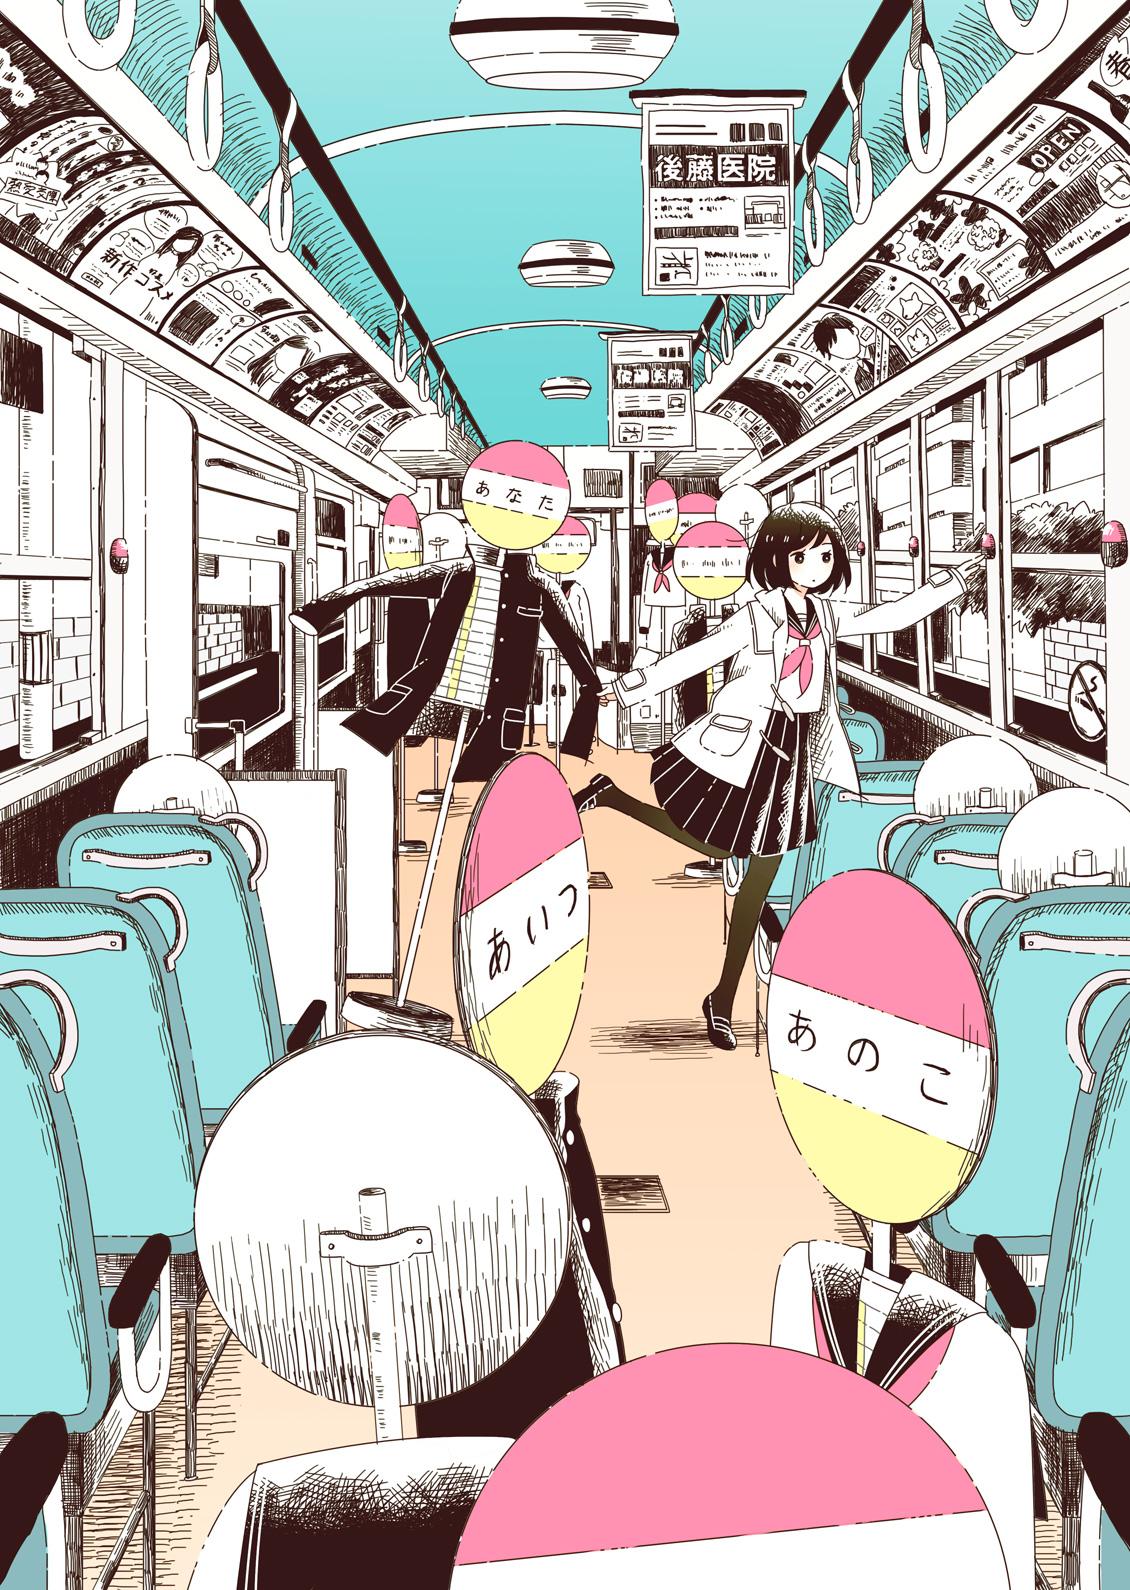 【P站画师】日本画师佐藤おどり的插画作品